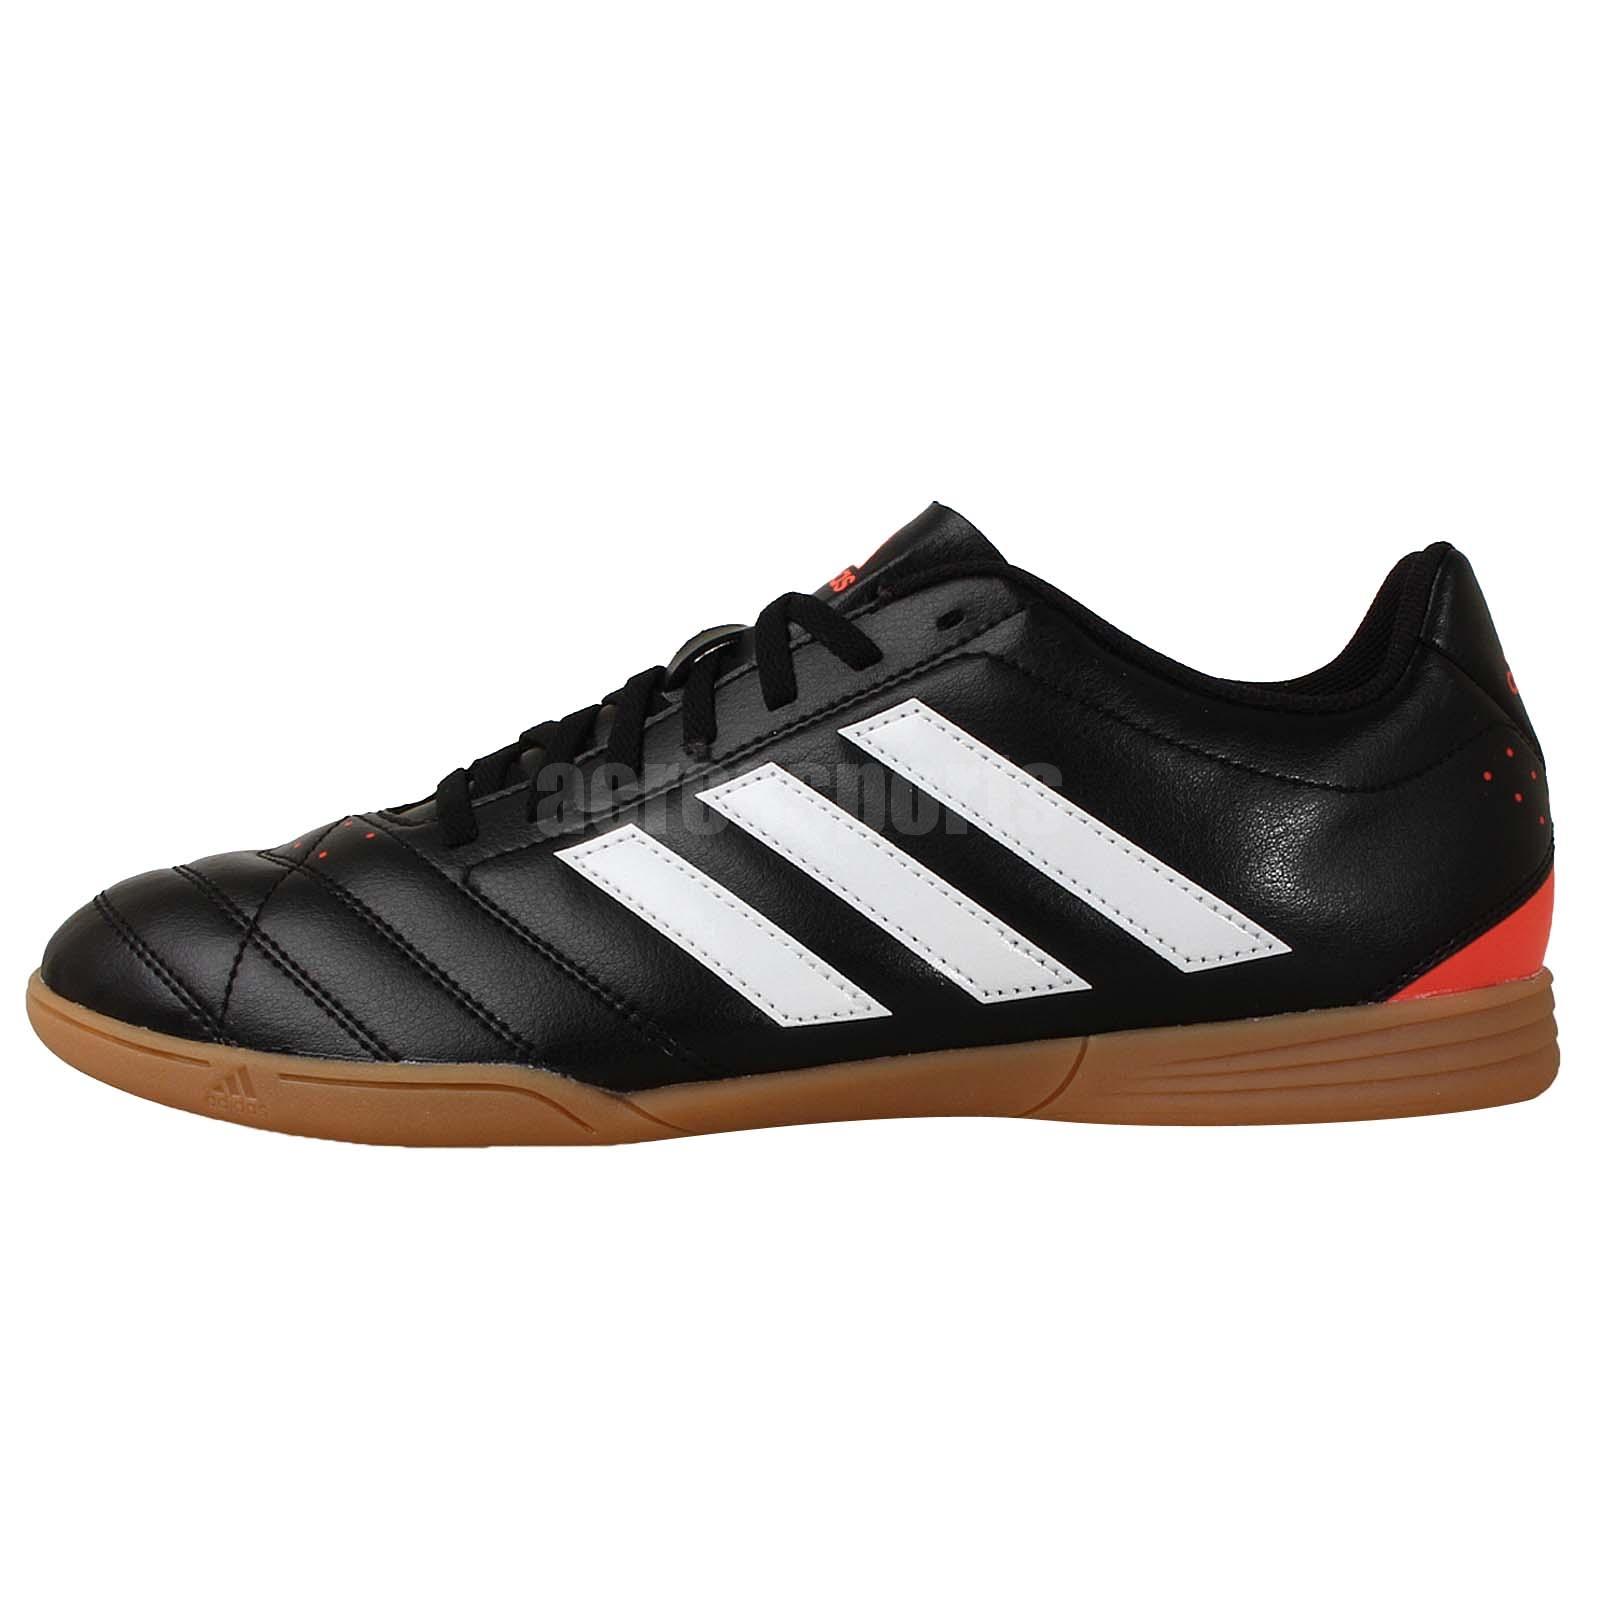 adidas goletto v in black white 2014 mens soccer